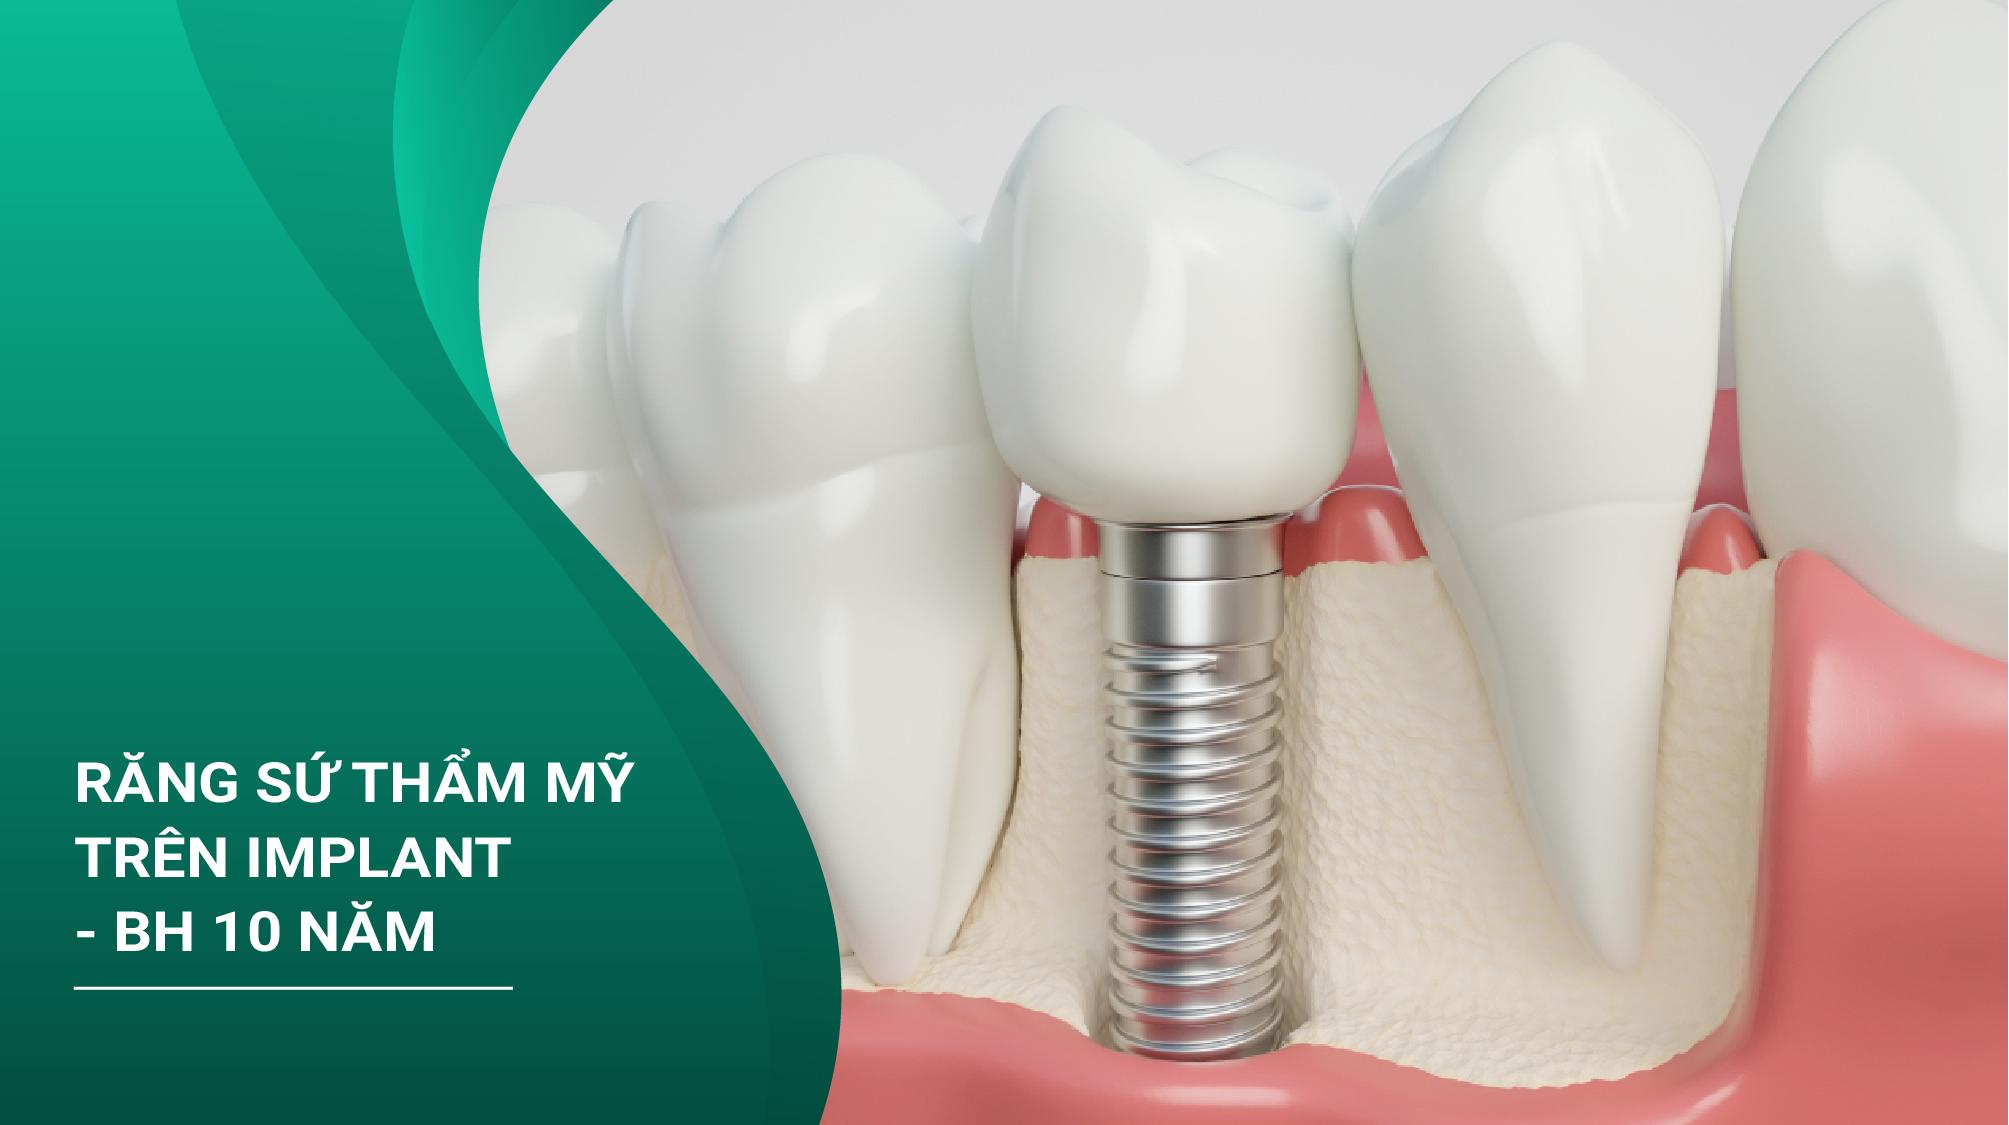 Phục Hình Răng Sứ Thẩm Mỹ Trên Implant - Bảo Hành 10